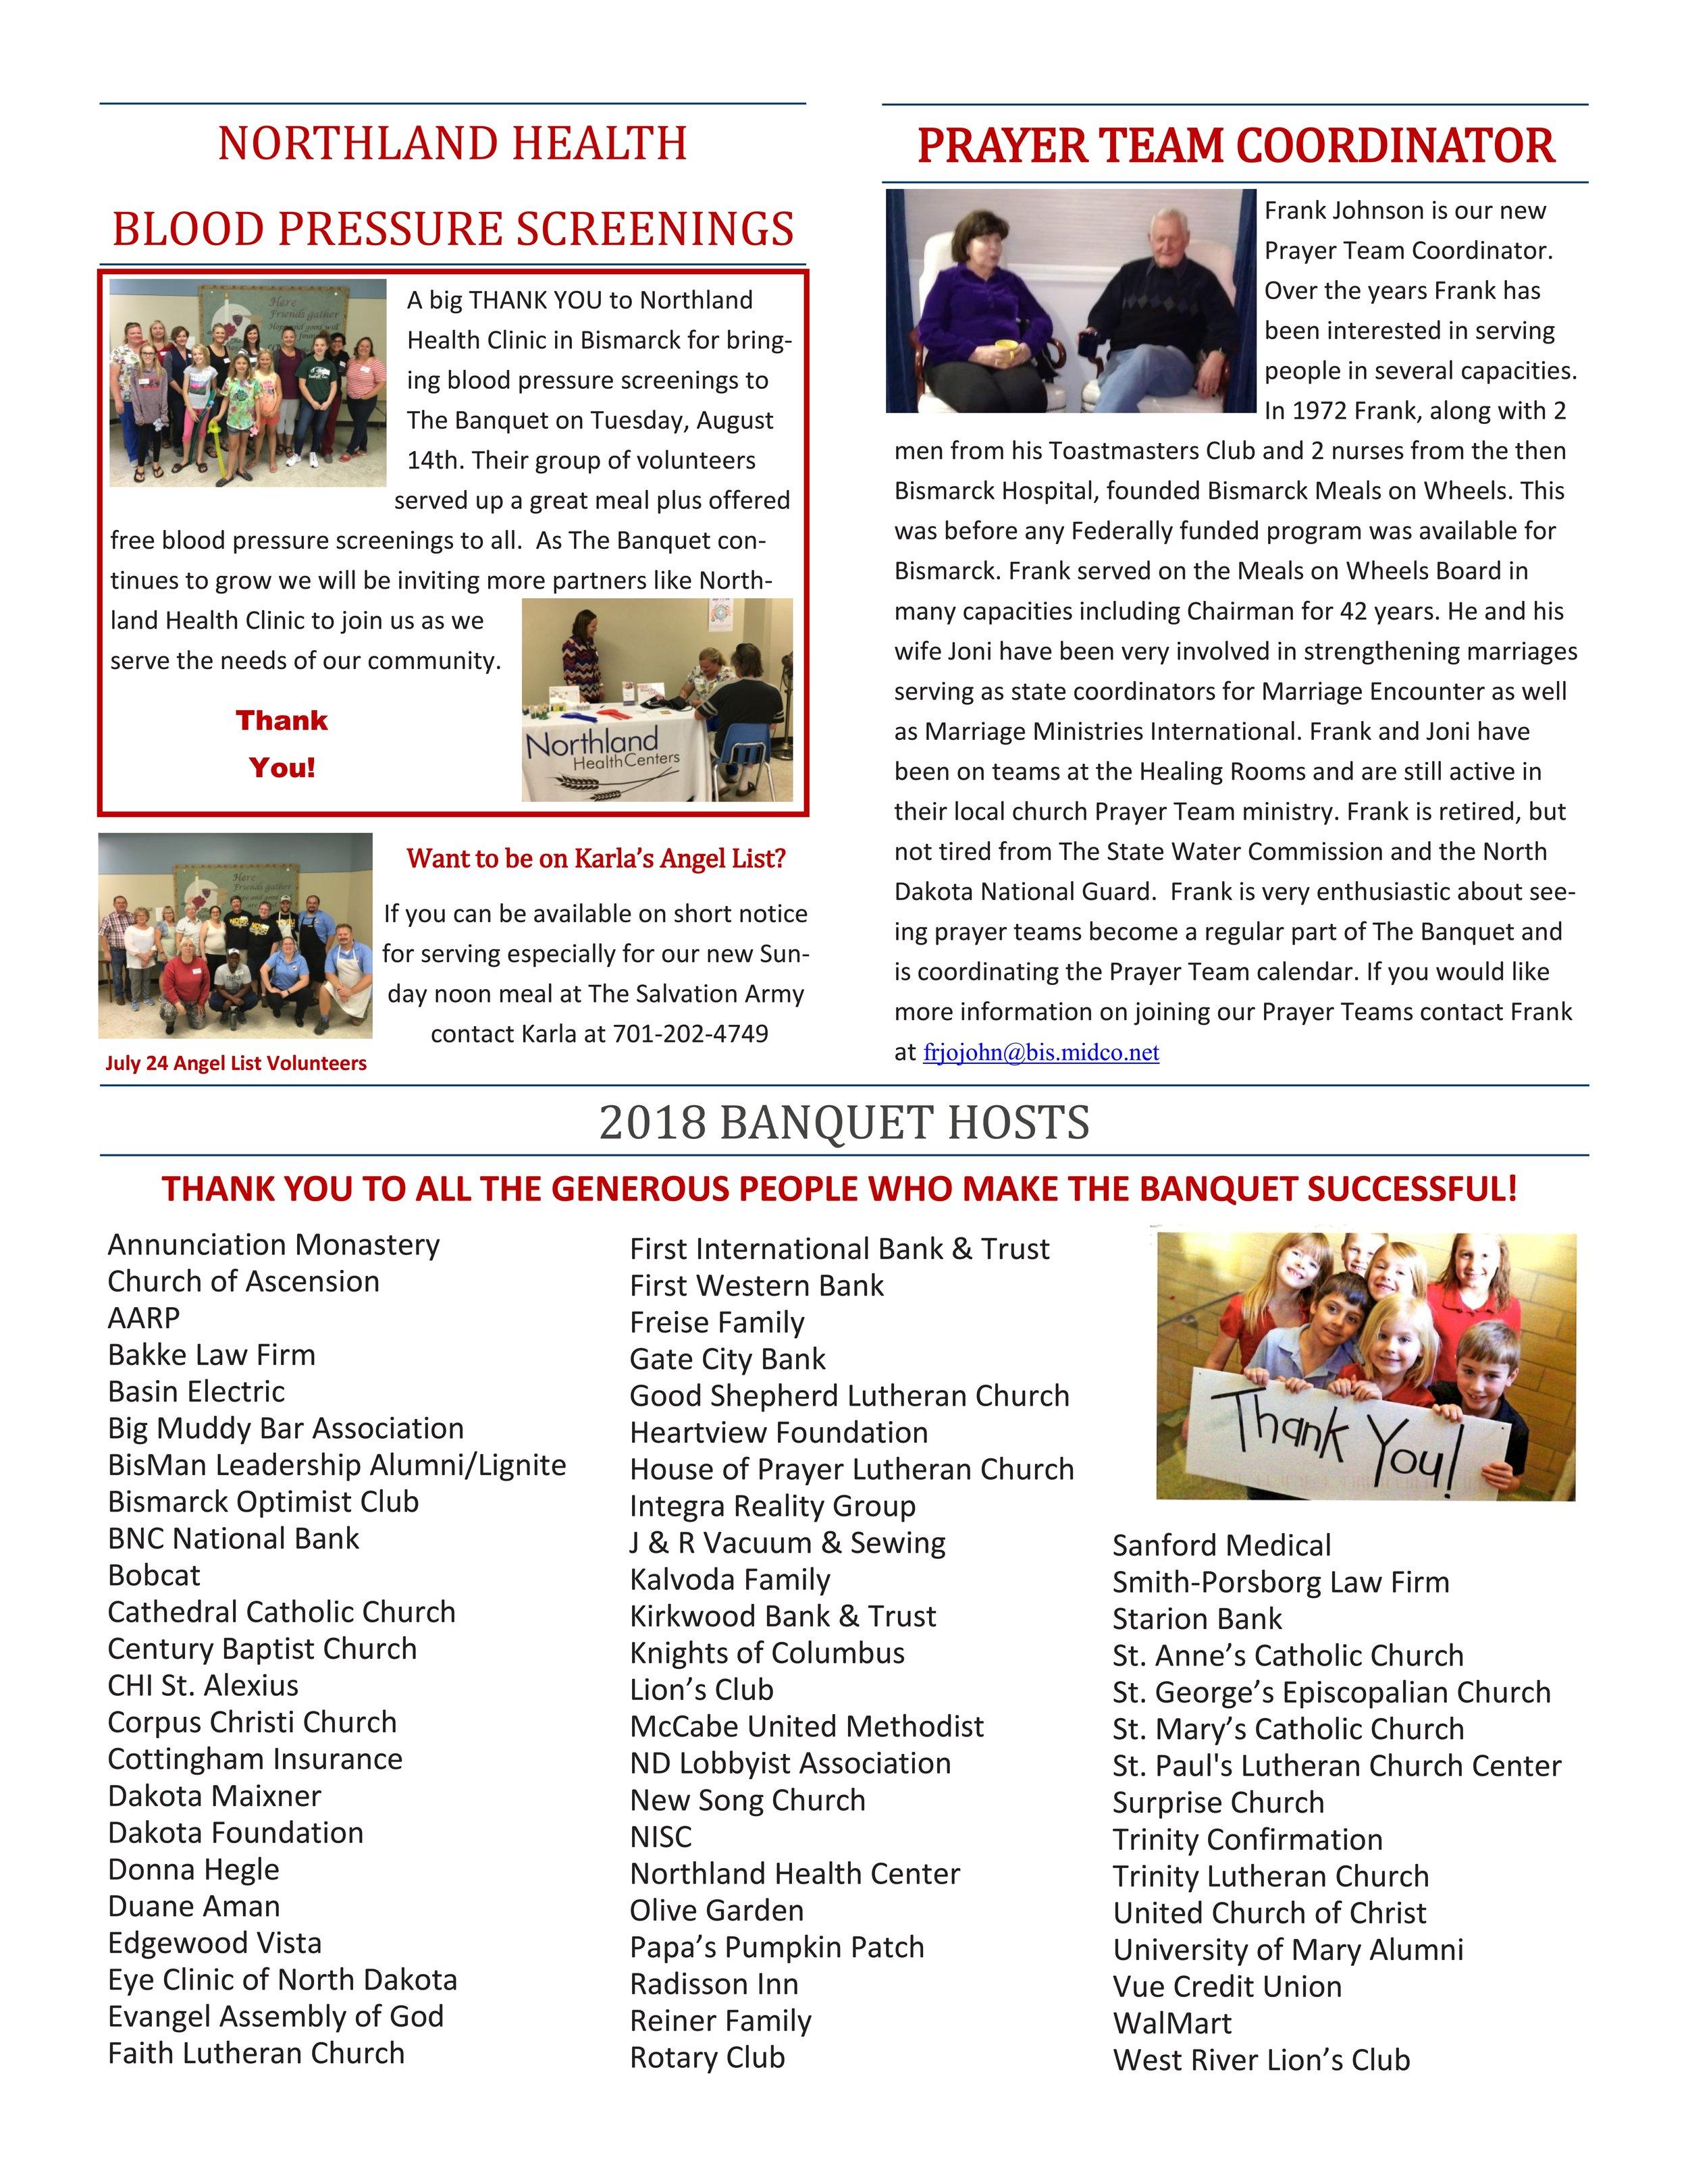 Banquet Newsletter FINAL-Sept. 2018_001.jpg